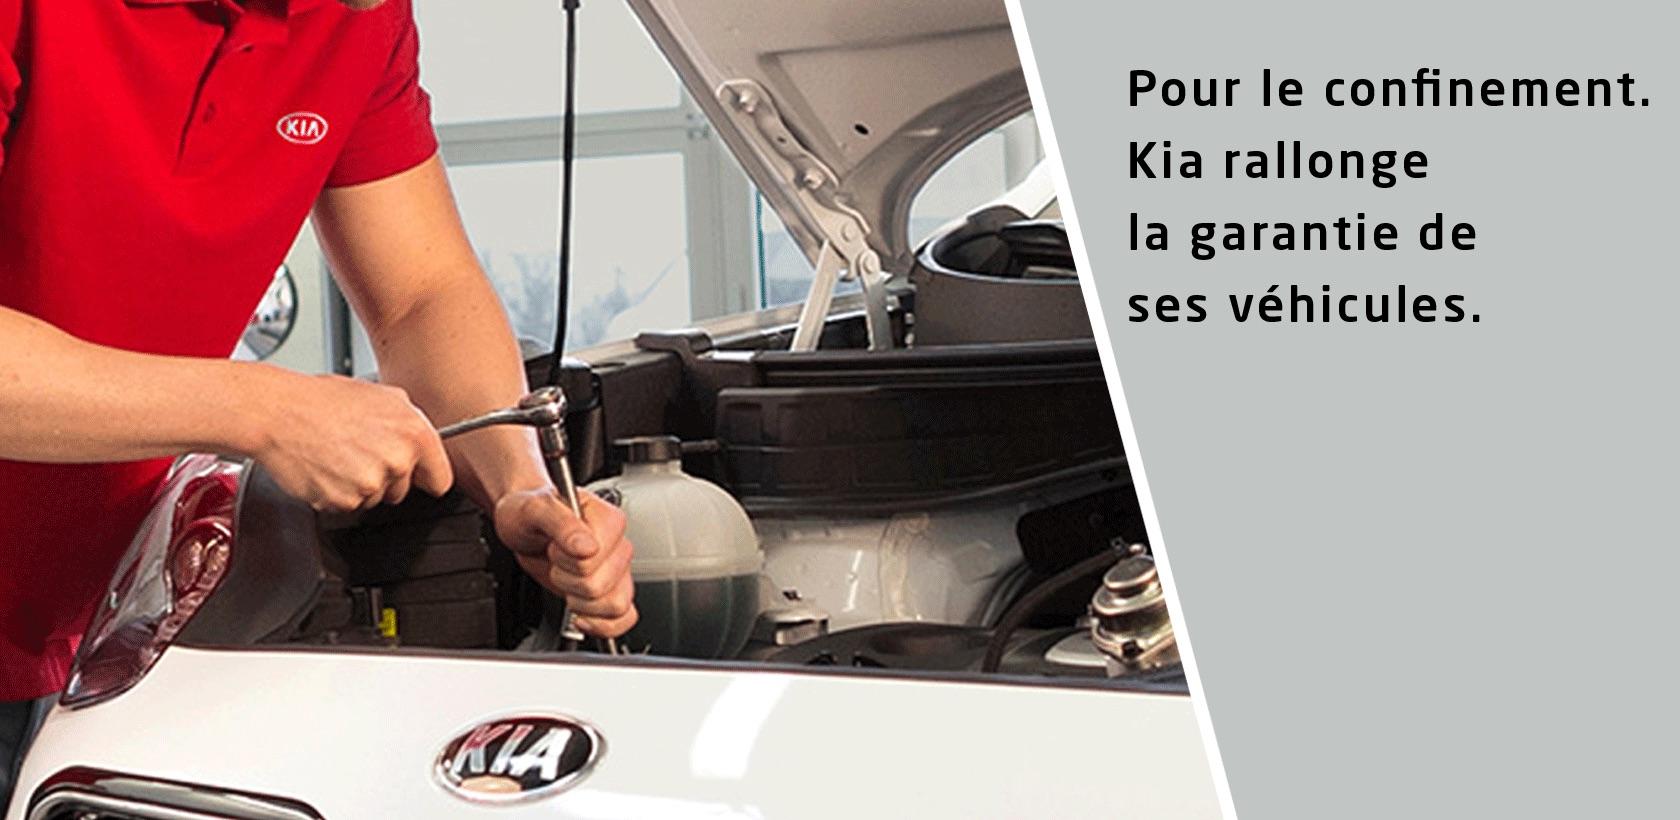 Kia rallonge la garantie de ses véhicules pour le confinement